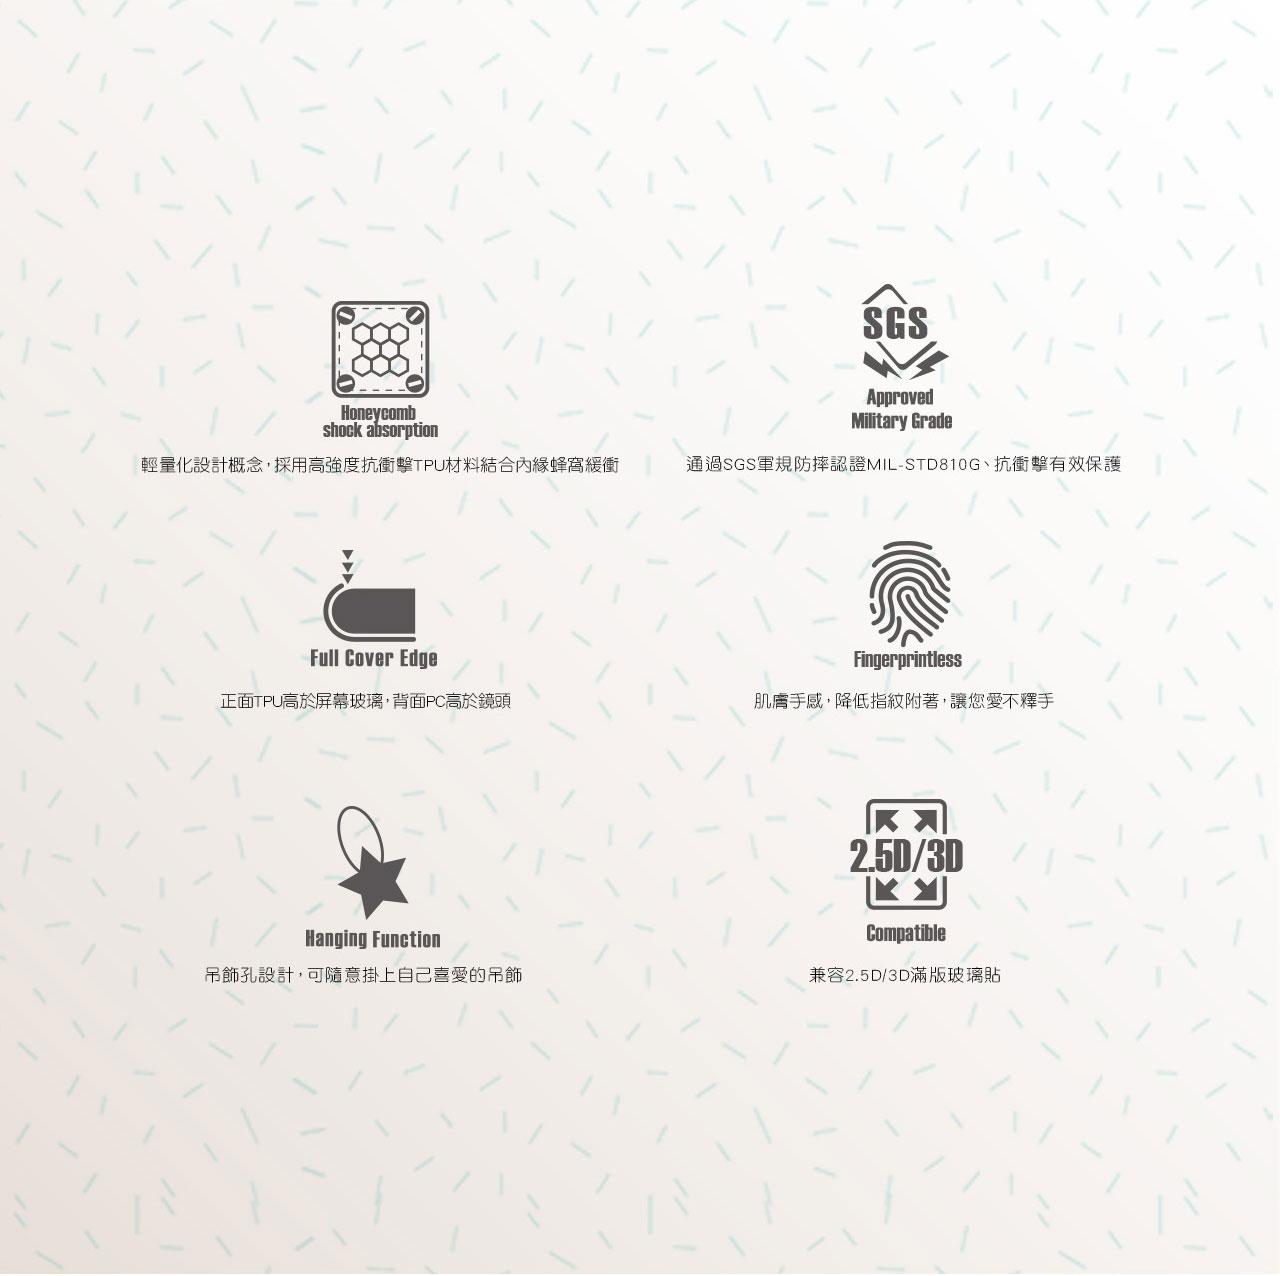 hoda 柔石 軍規防摔 防撞 霧面 防指紋 保護殼 手機殼 防摔殼 ASUS Rog Phone 5